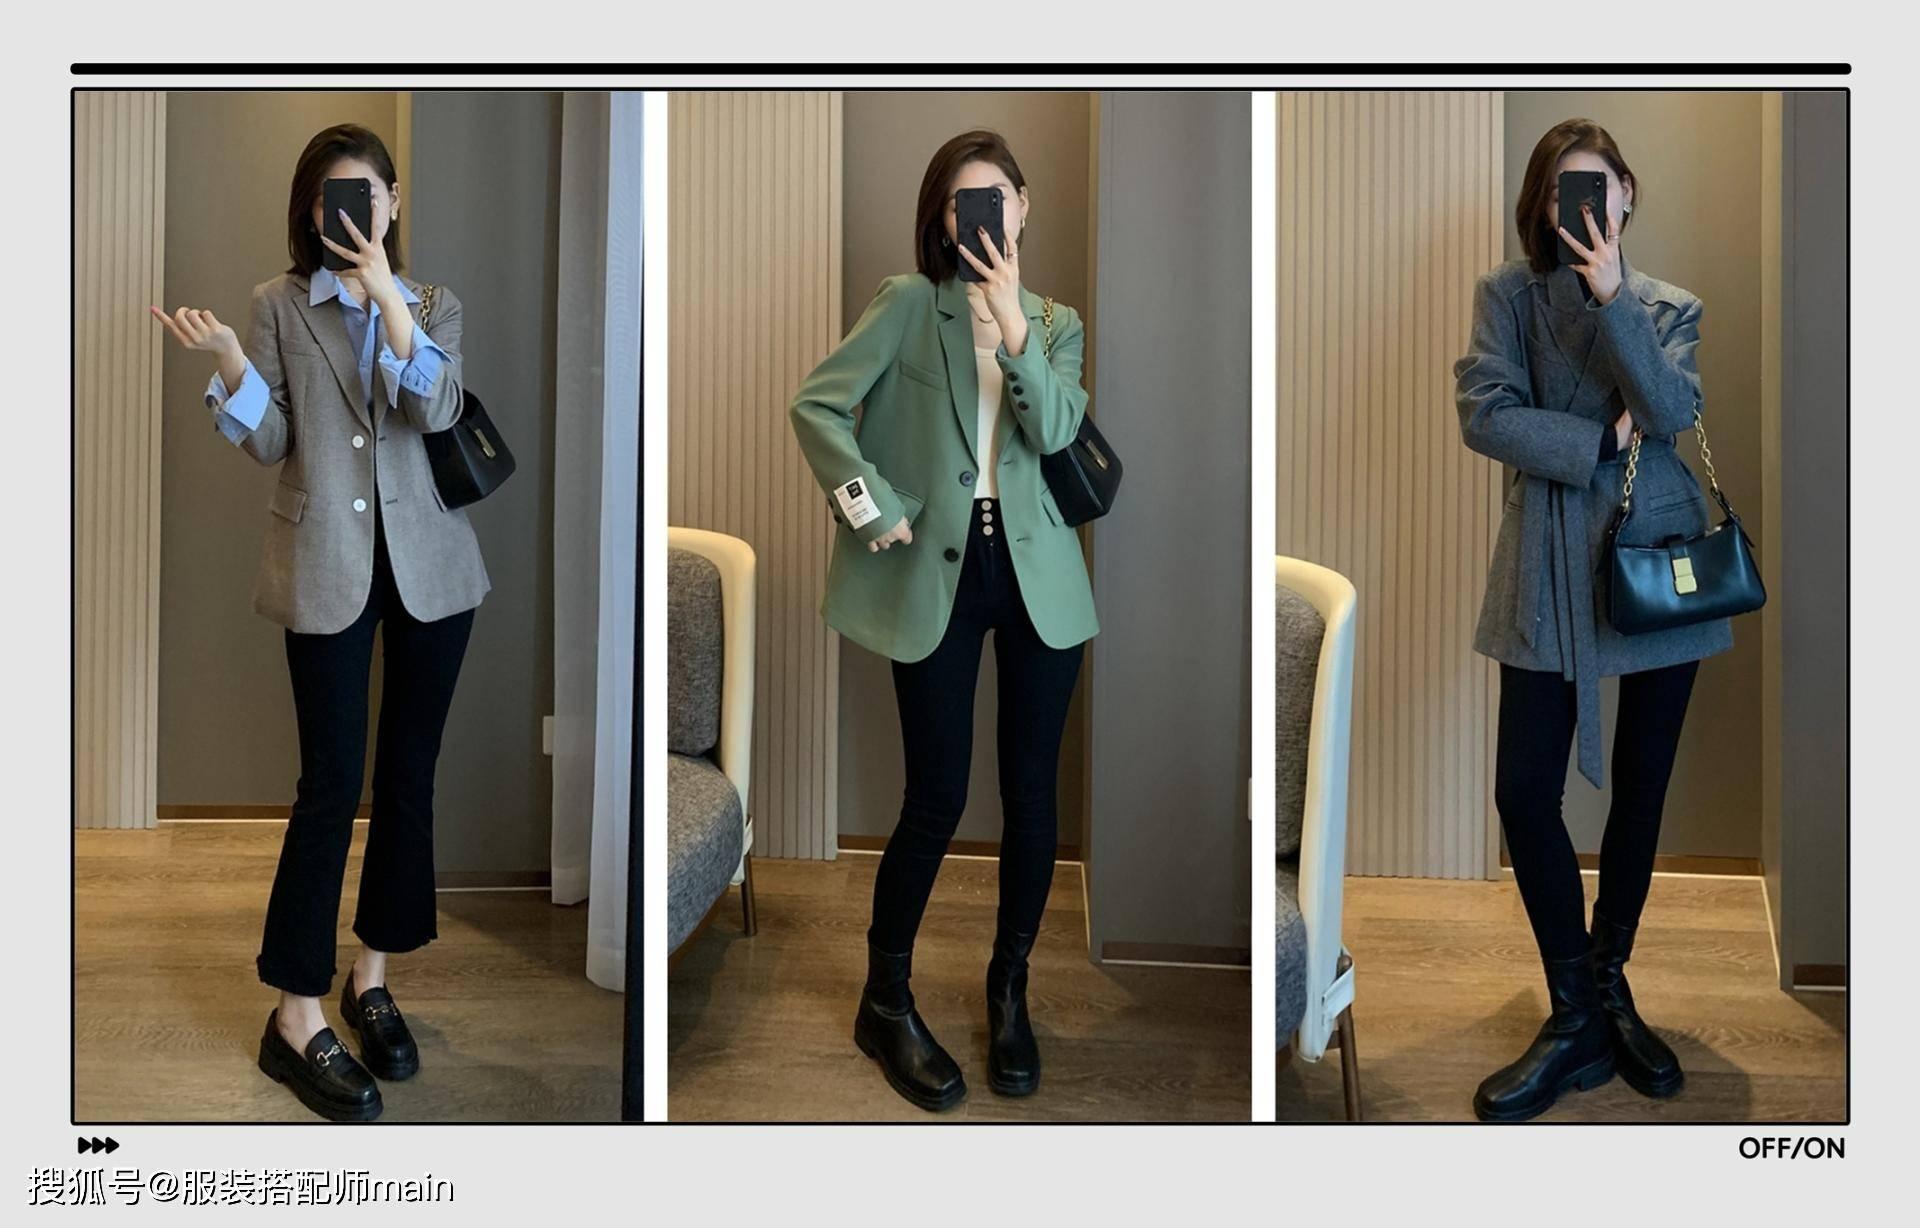 秋天上班通勤穿搭没灵感?分享8套西装Look这样穿干练又优雅